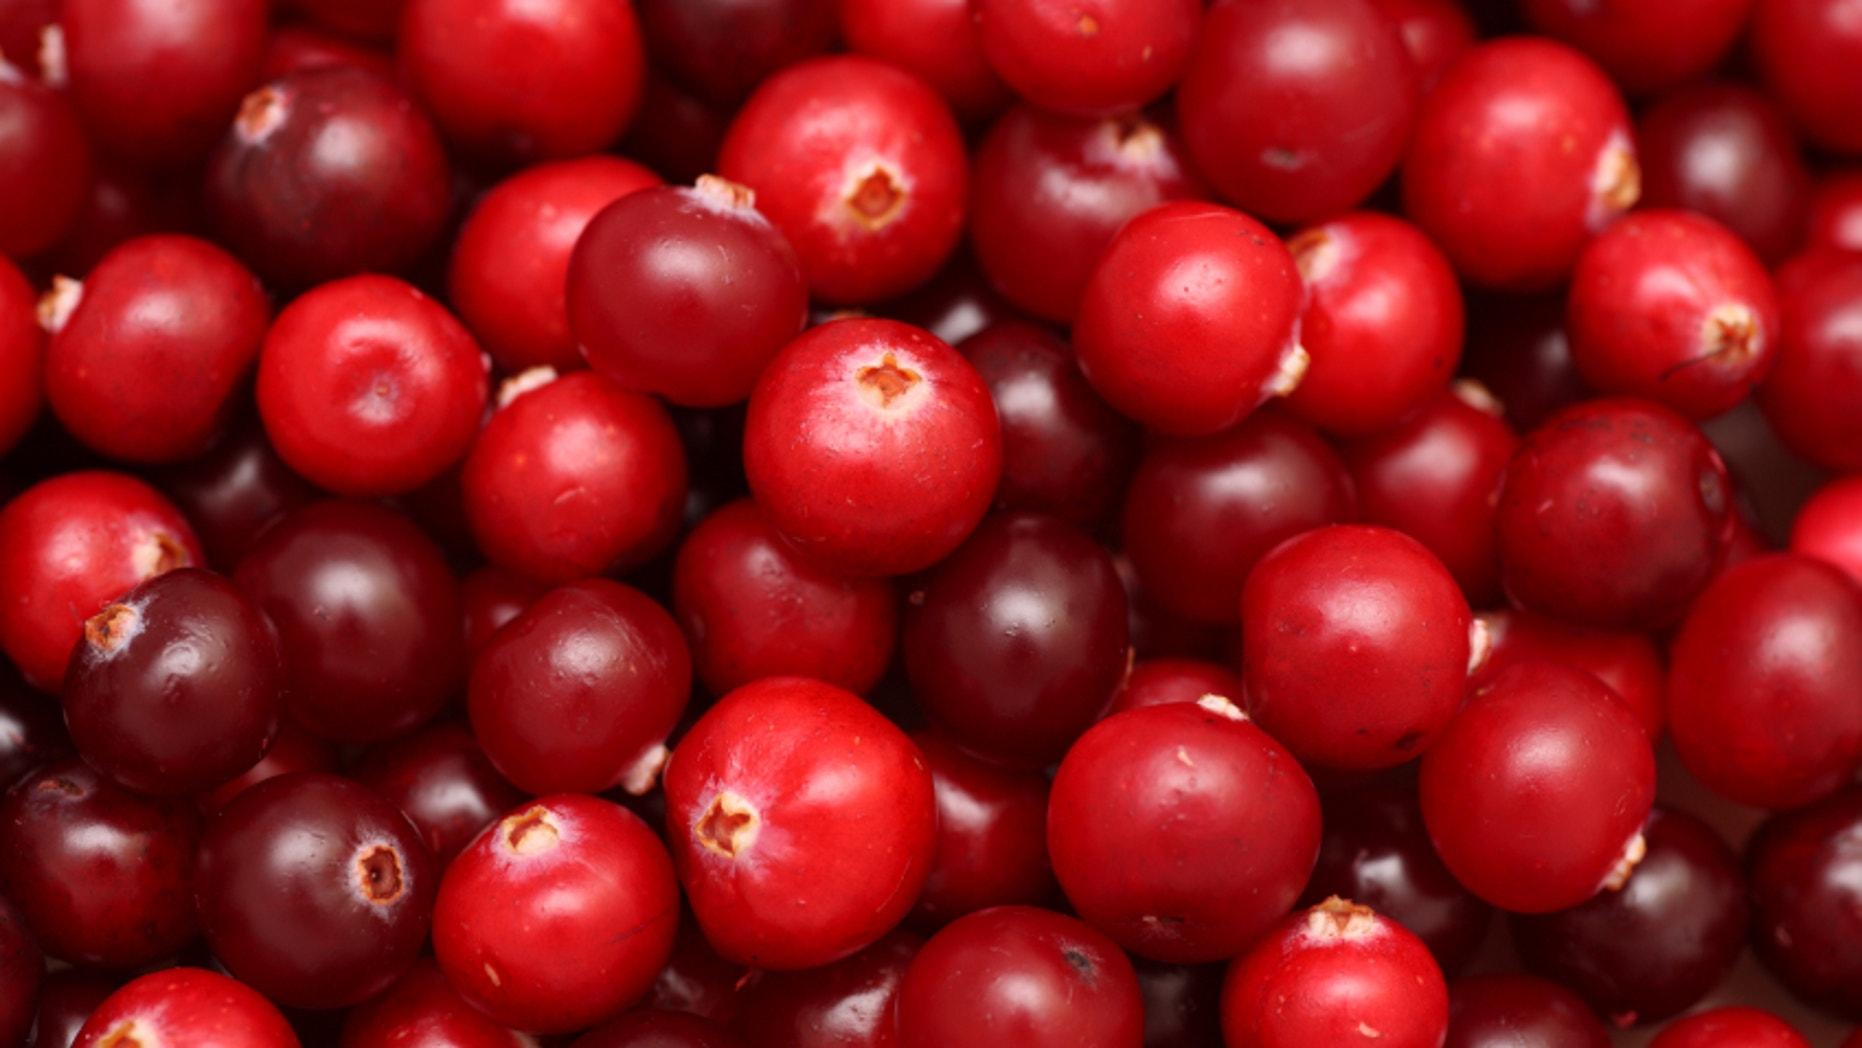 Cranberries close-up.